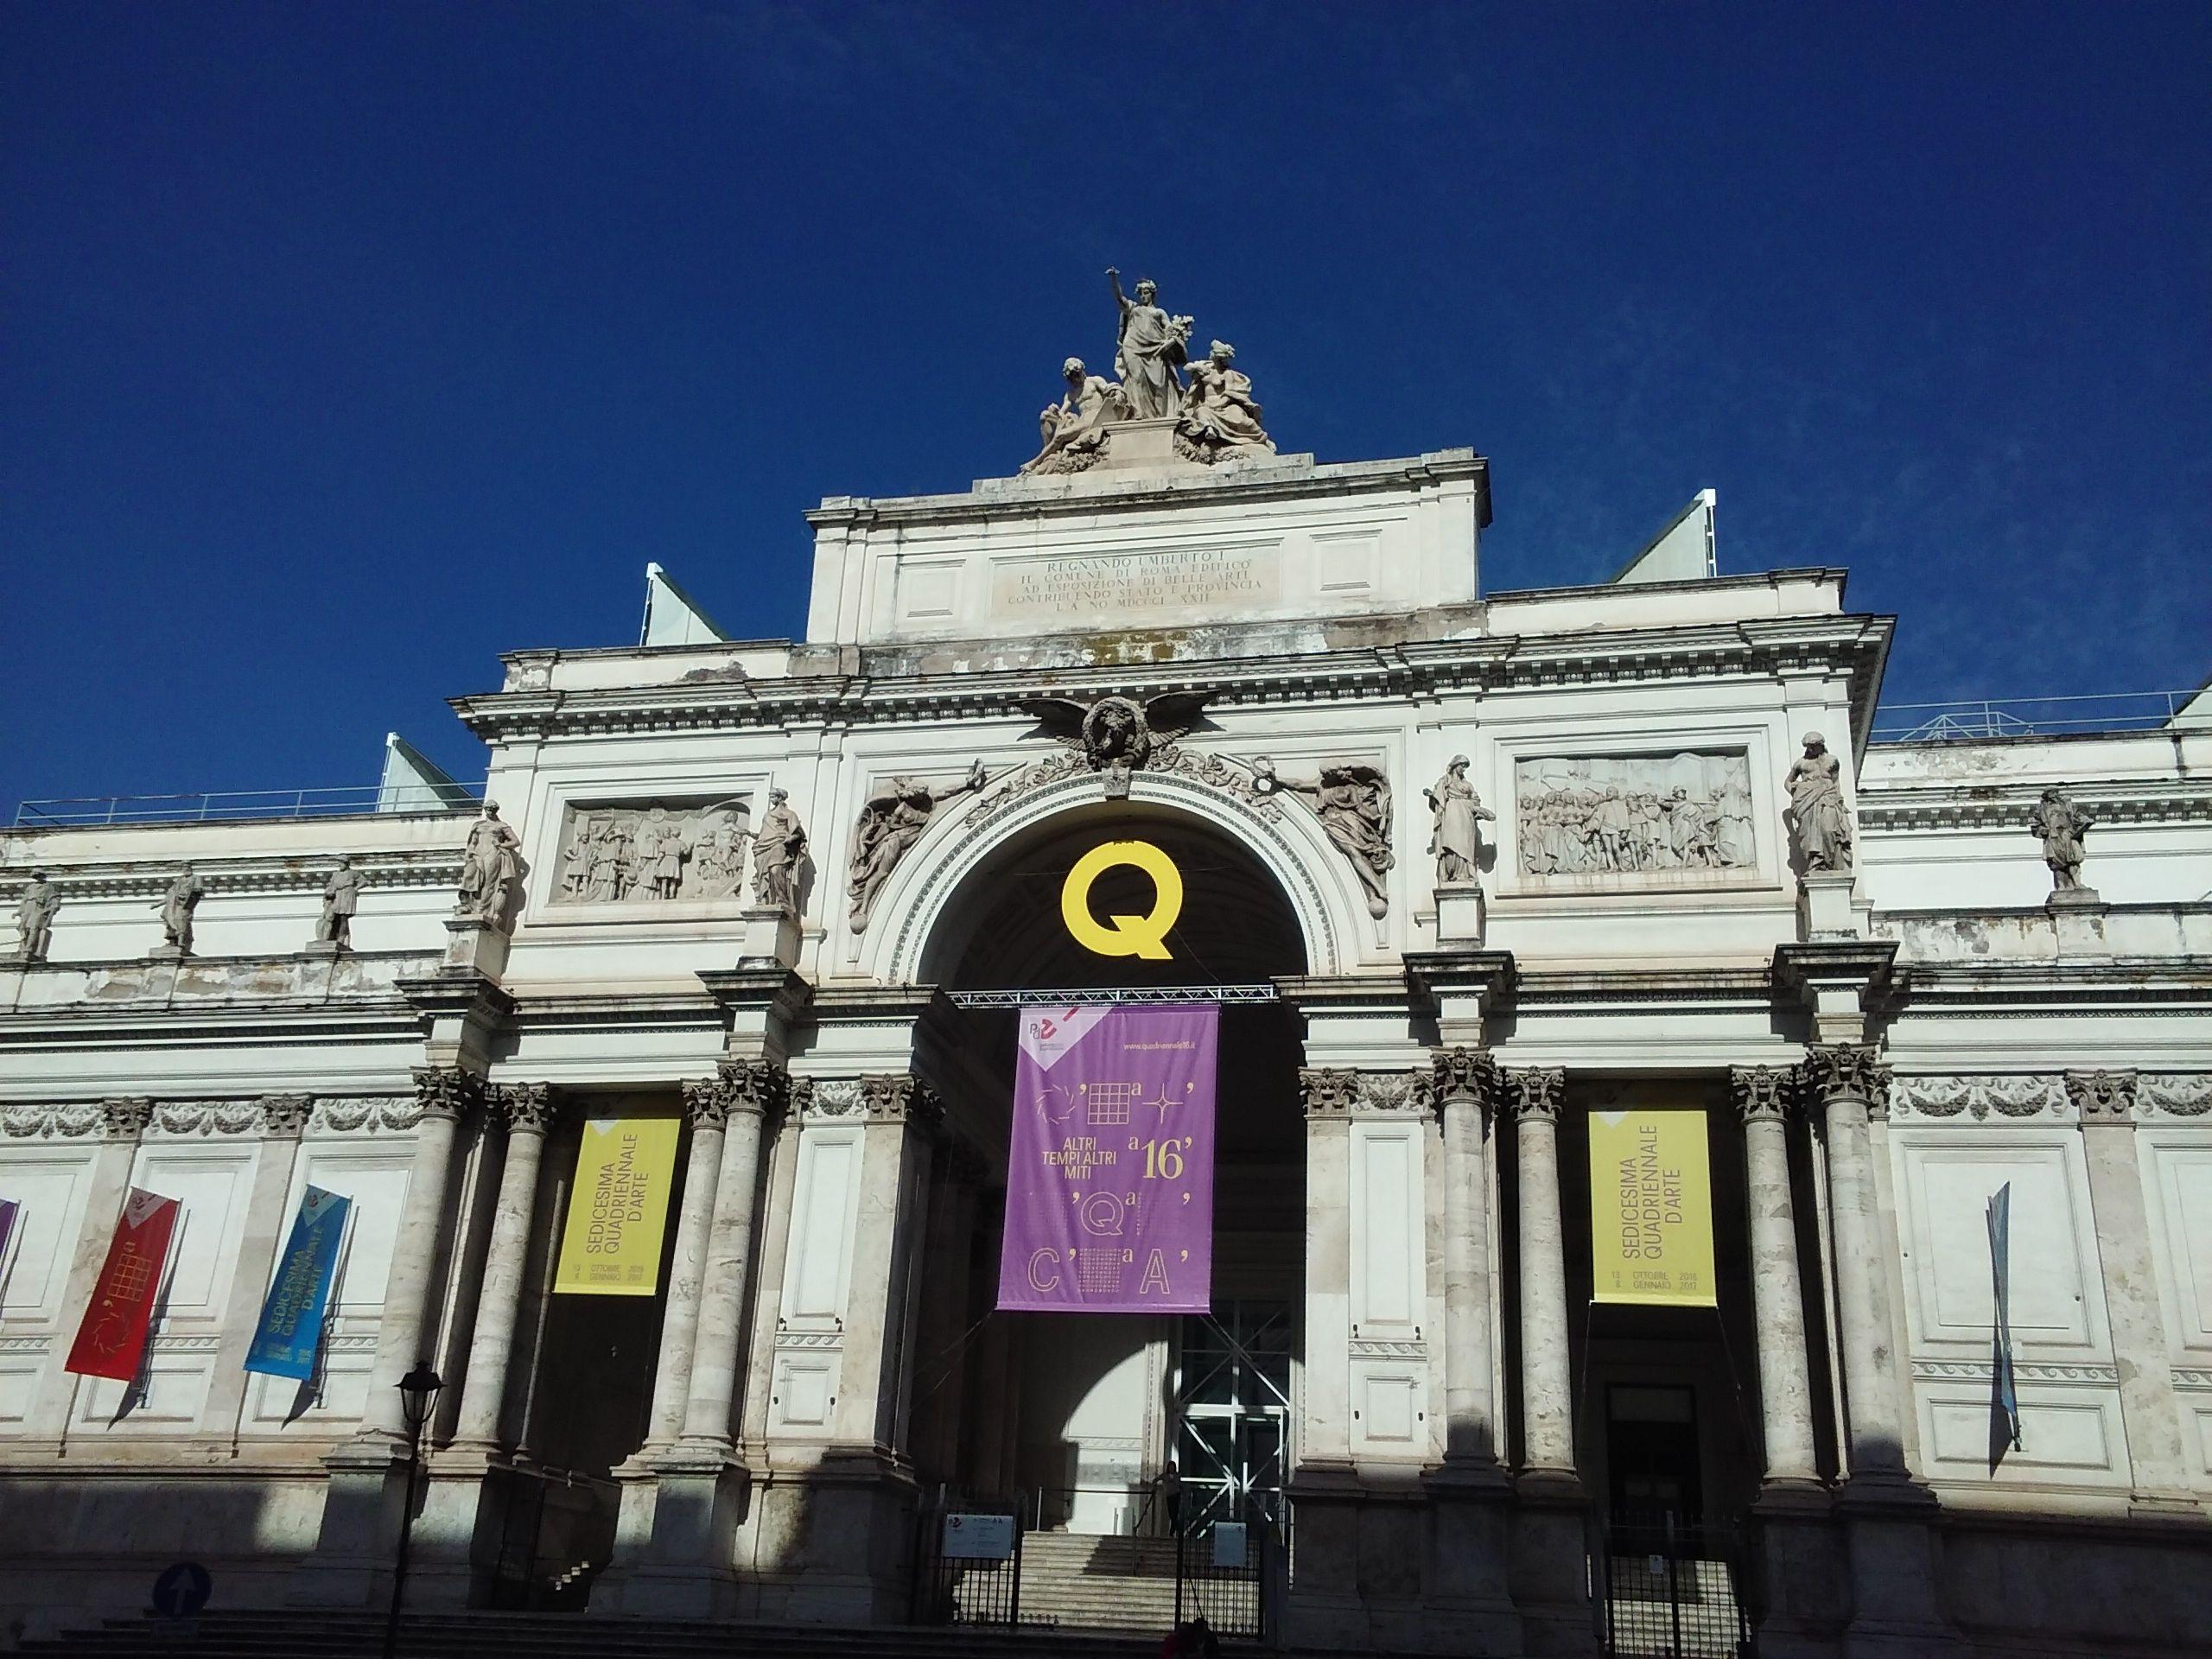 Un Centro de Artes en la Vía Nazionale, Roma.